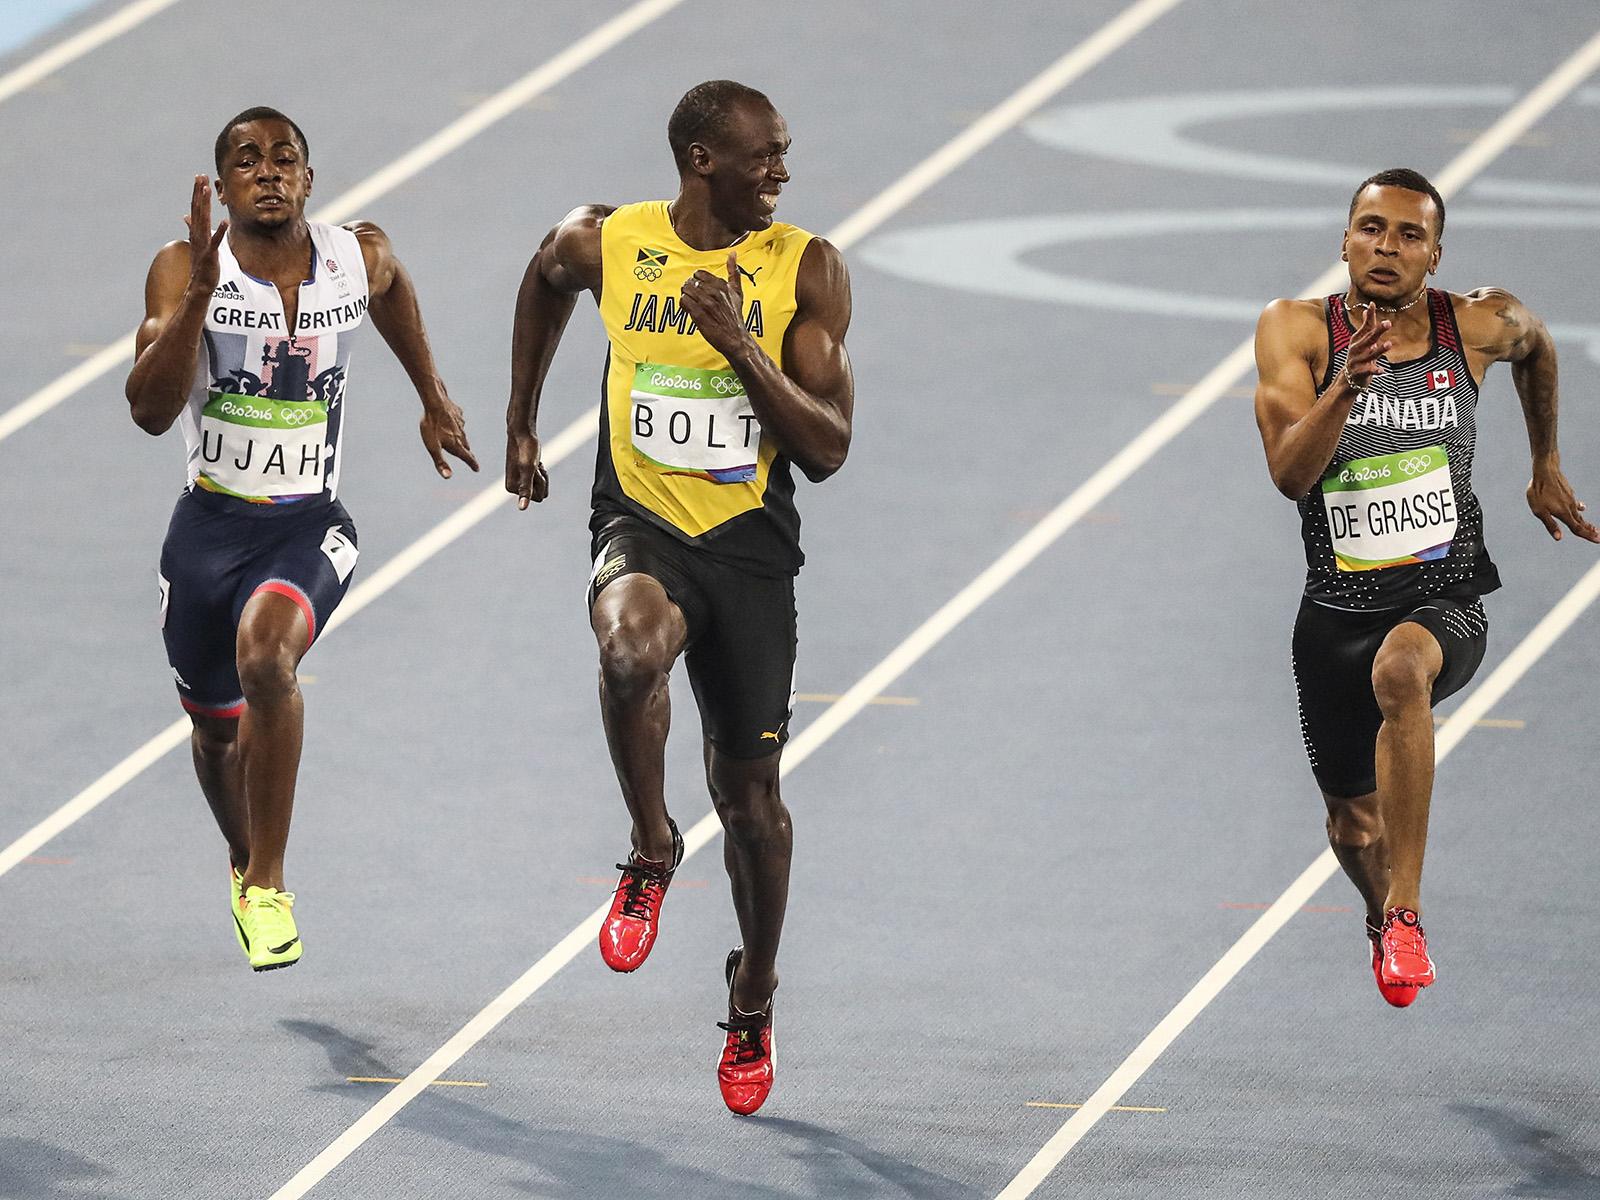 Chàng sinh viên 18 tuổi 'Tia chớp trắng' chạy 100m gần nhanh bằng Usain Bolt